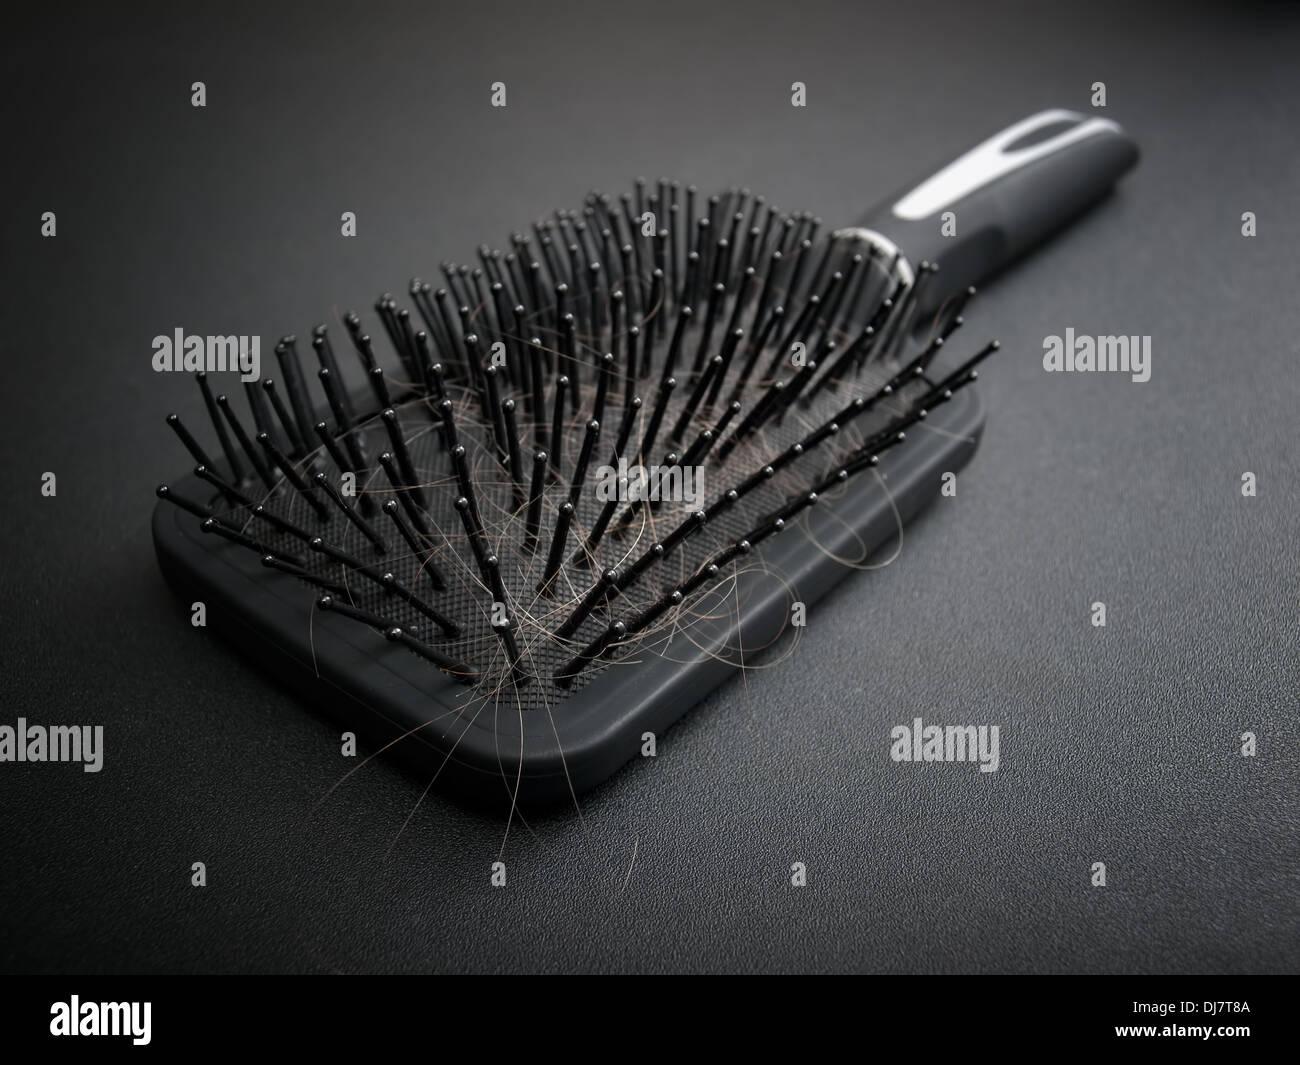 Spazzola per capelli piena di peli caduti durante la vostra acconciatura. Immagini Stock